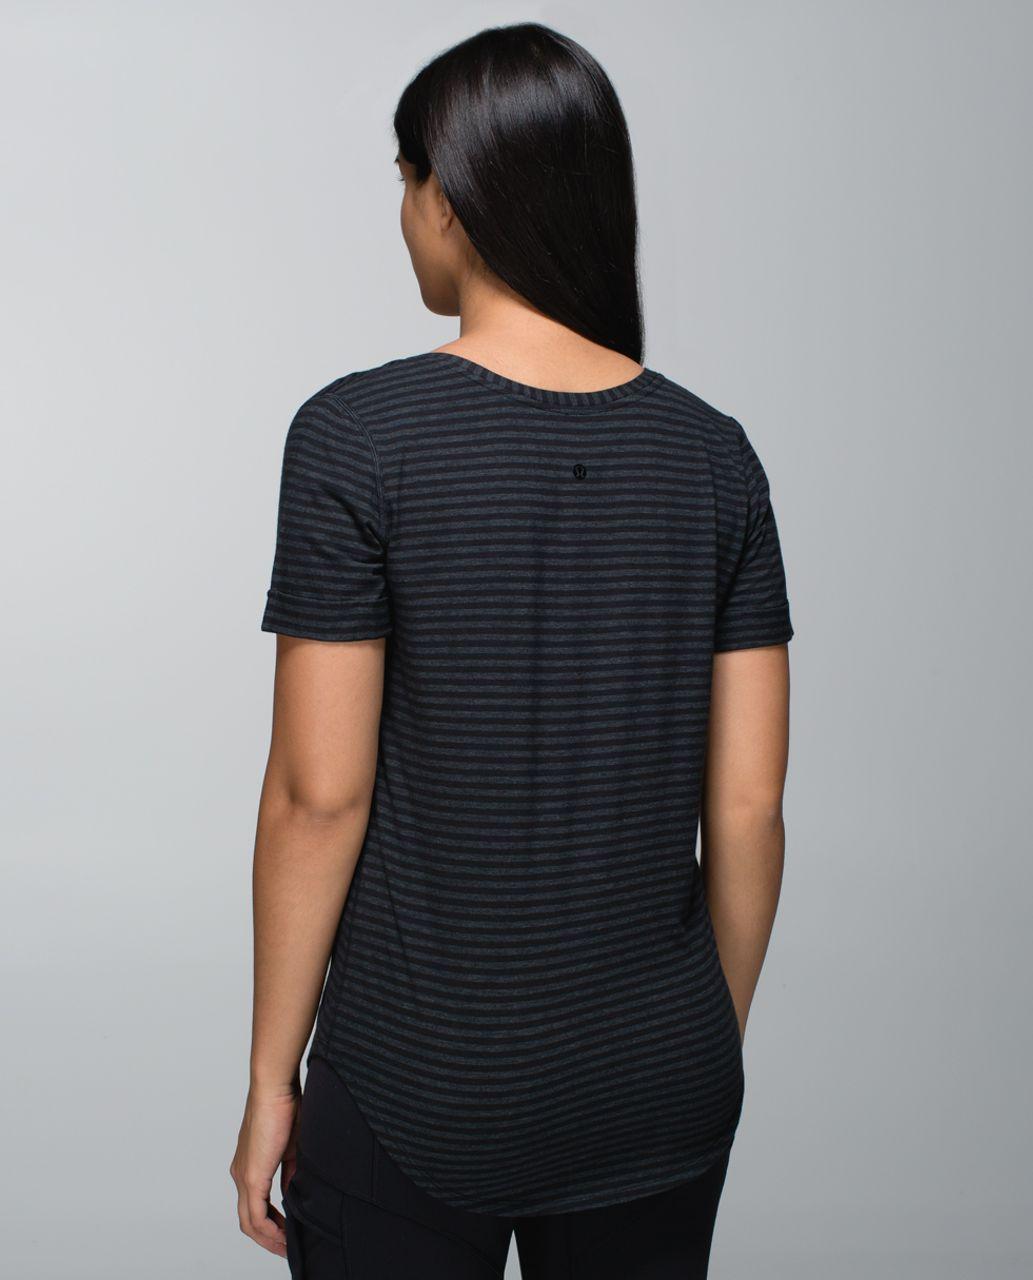 Lululemon Love Tee - Classic Stripe Heathered Black Black